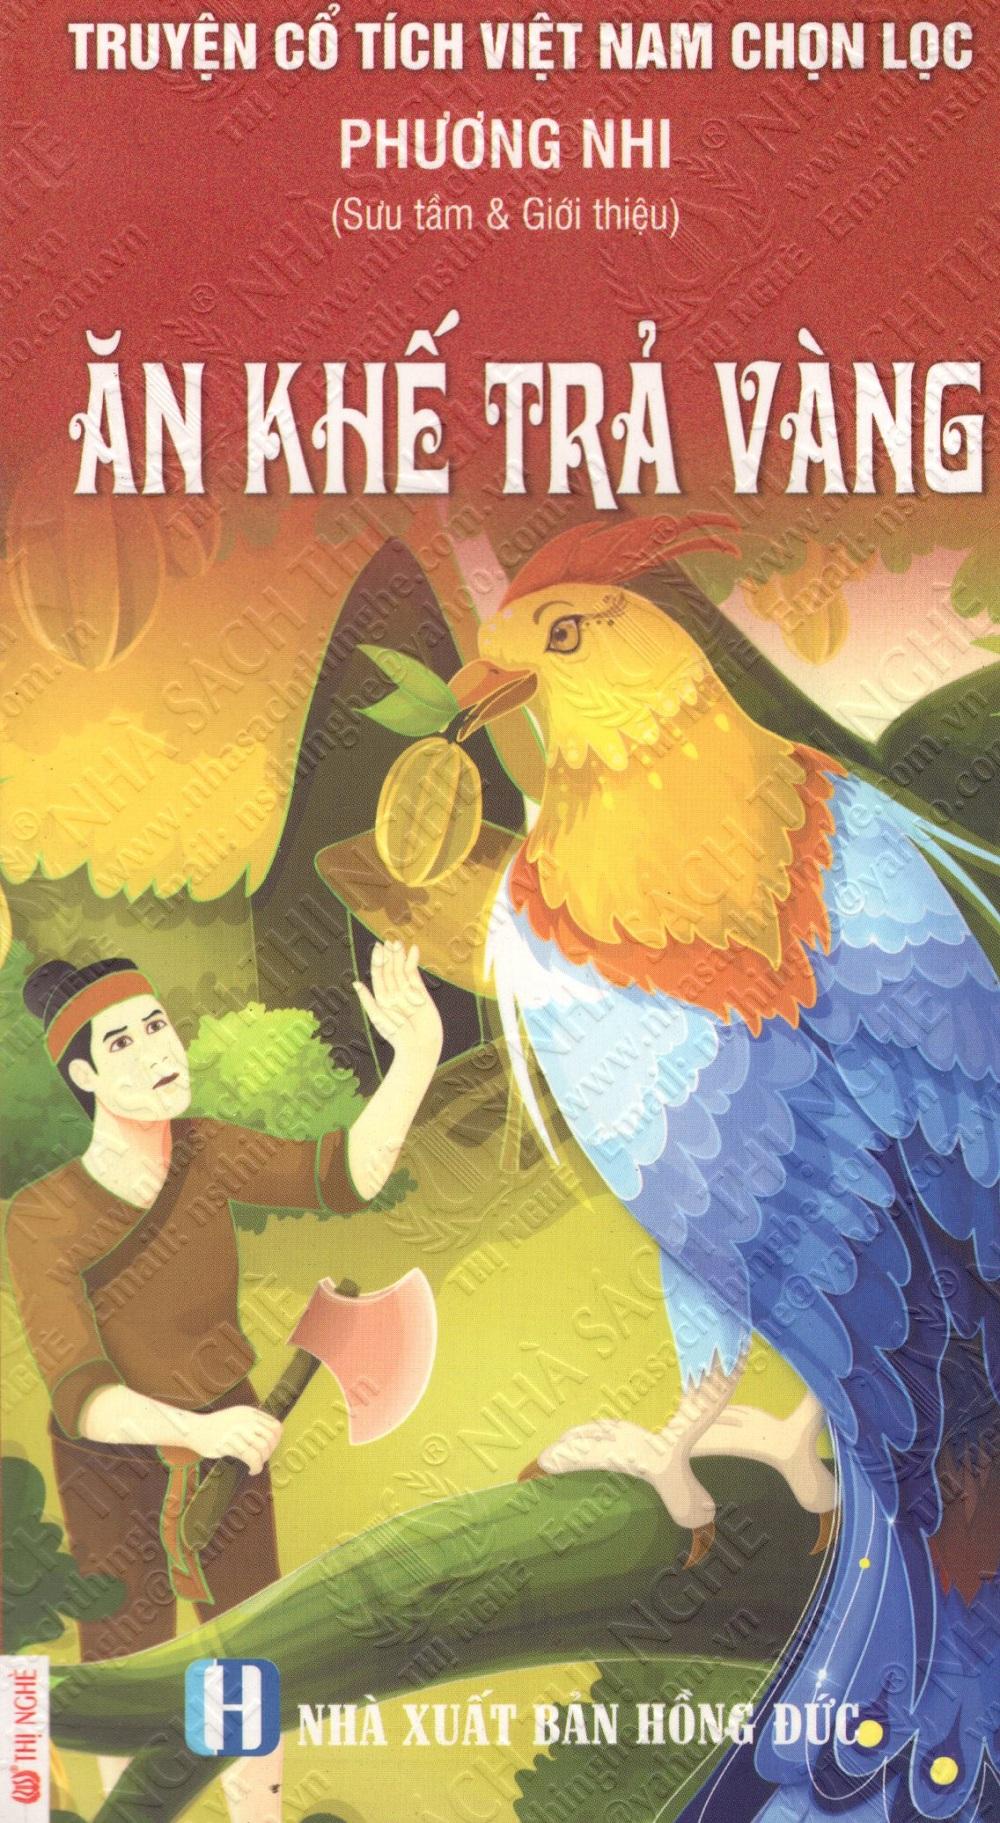 Bìa sách Truyện Cổ Tích Việt Nam Chọn Lọc: Ăn Khế Trả Vàng